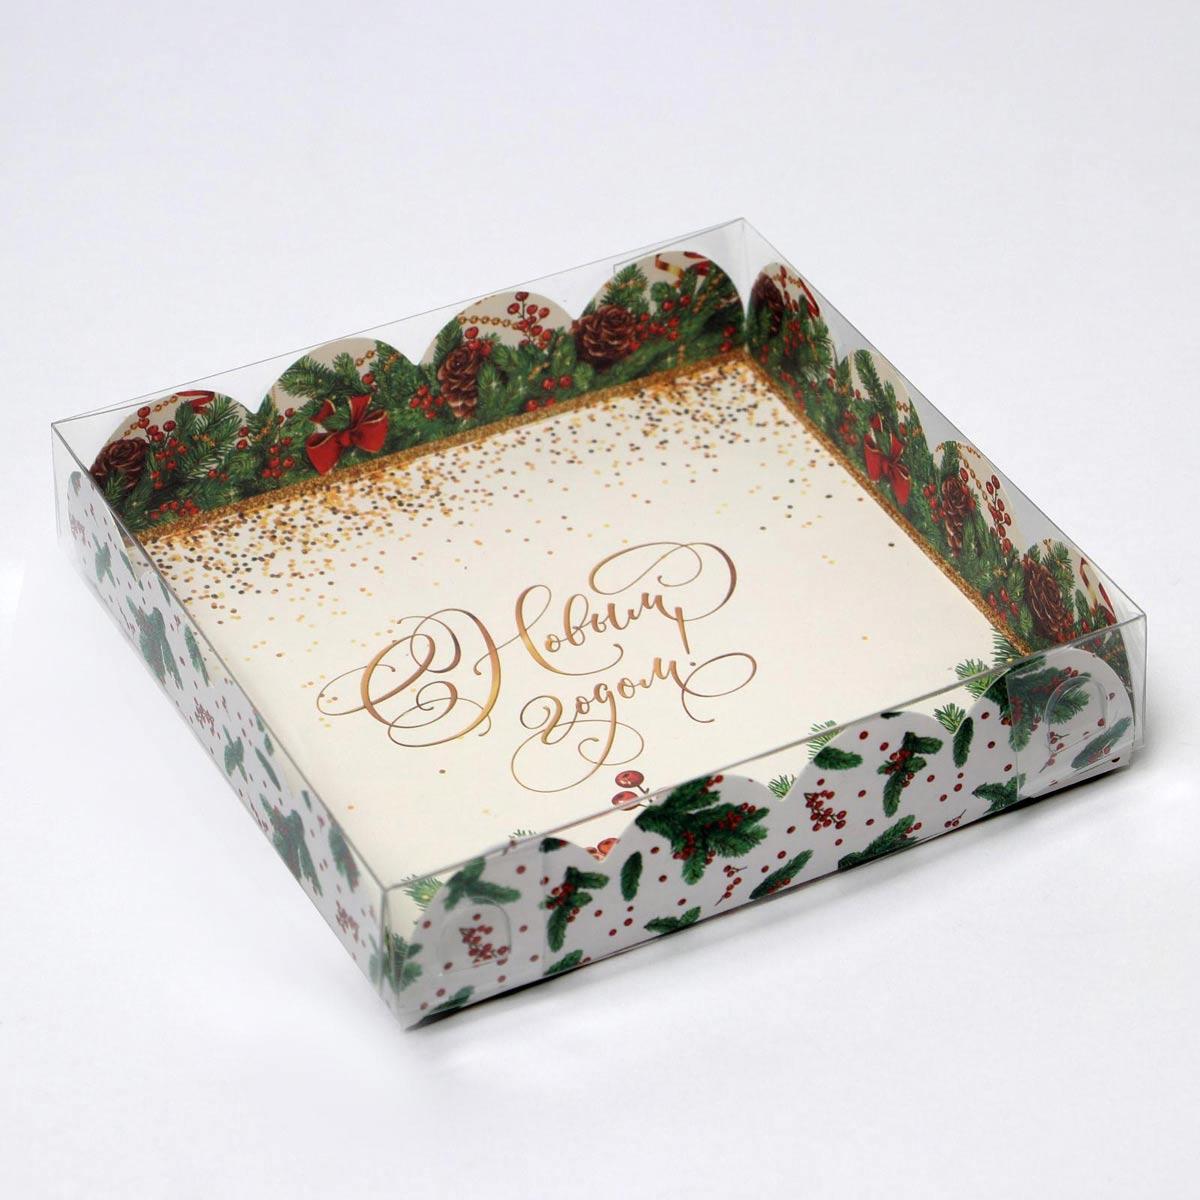 6930820 Коробка крышкой 'Новый год', 13*13*3 см